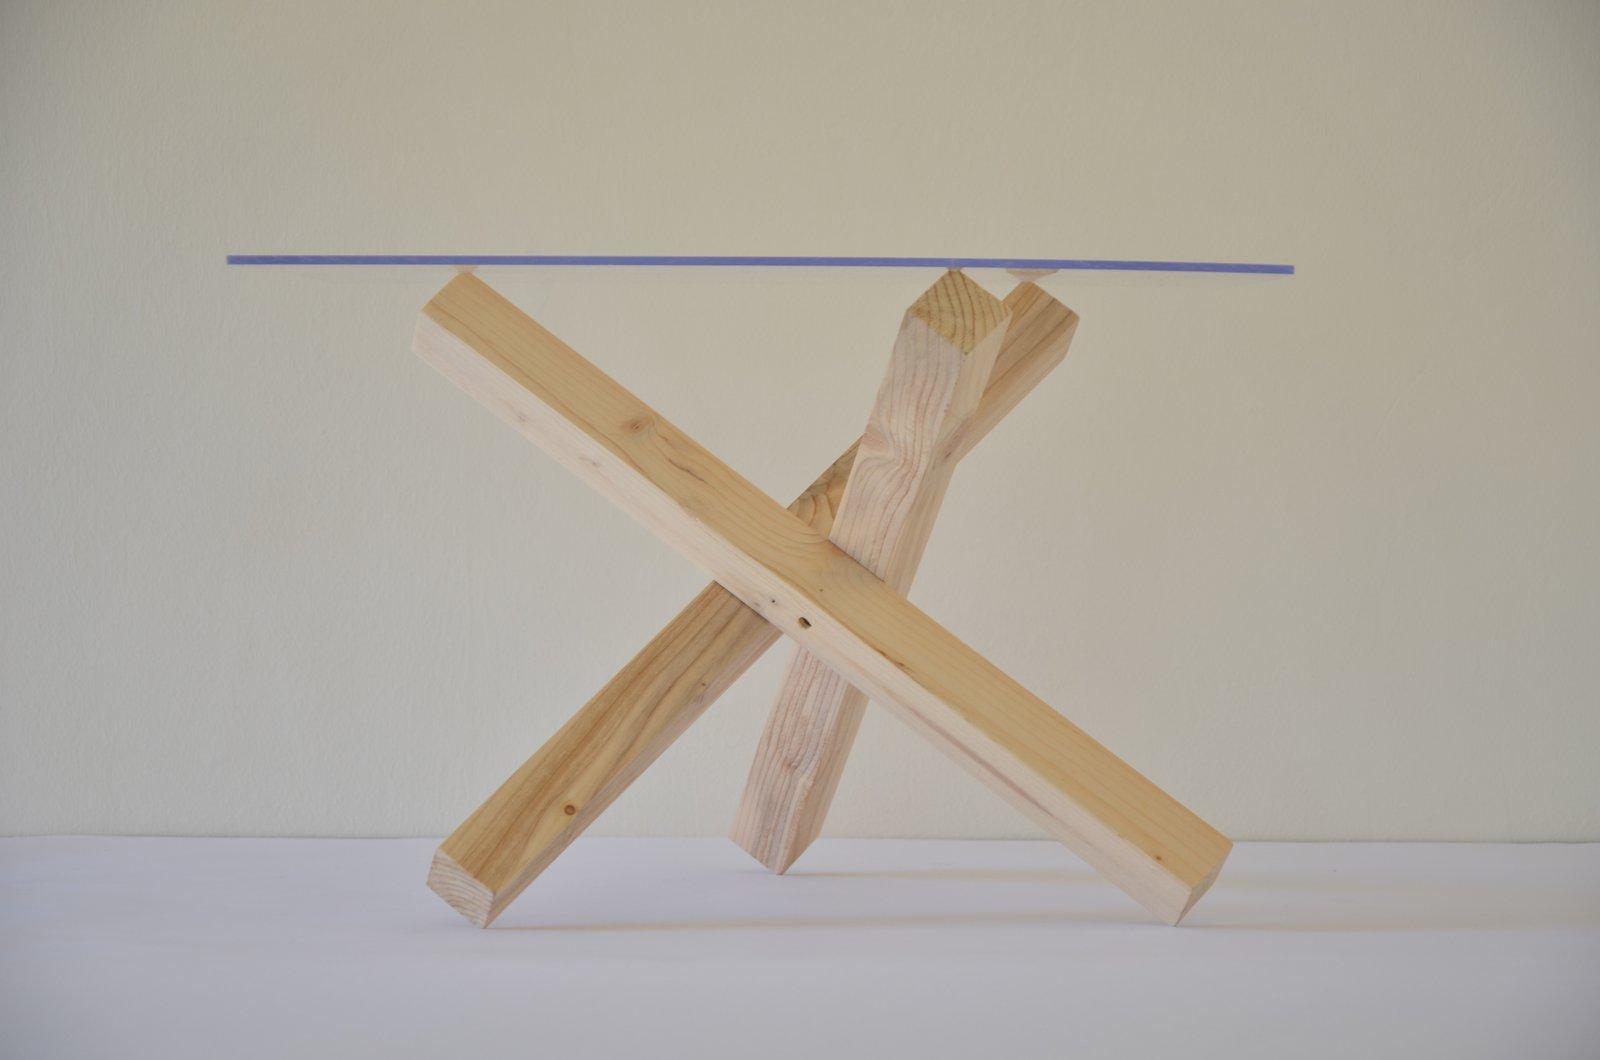 Fai da te oggetti di design contemporaneo da copiare for Listelli legno leroy merlin